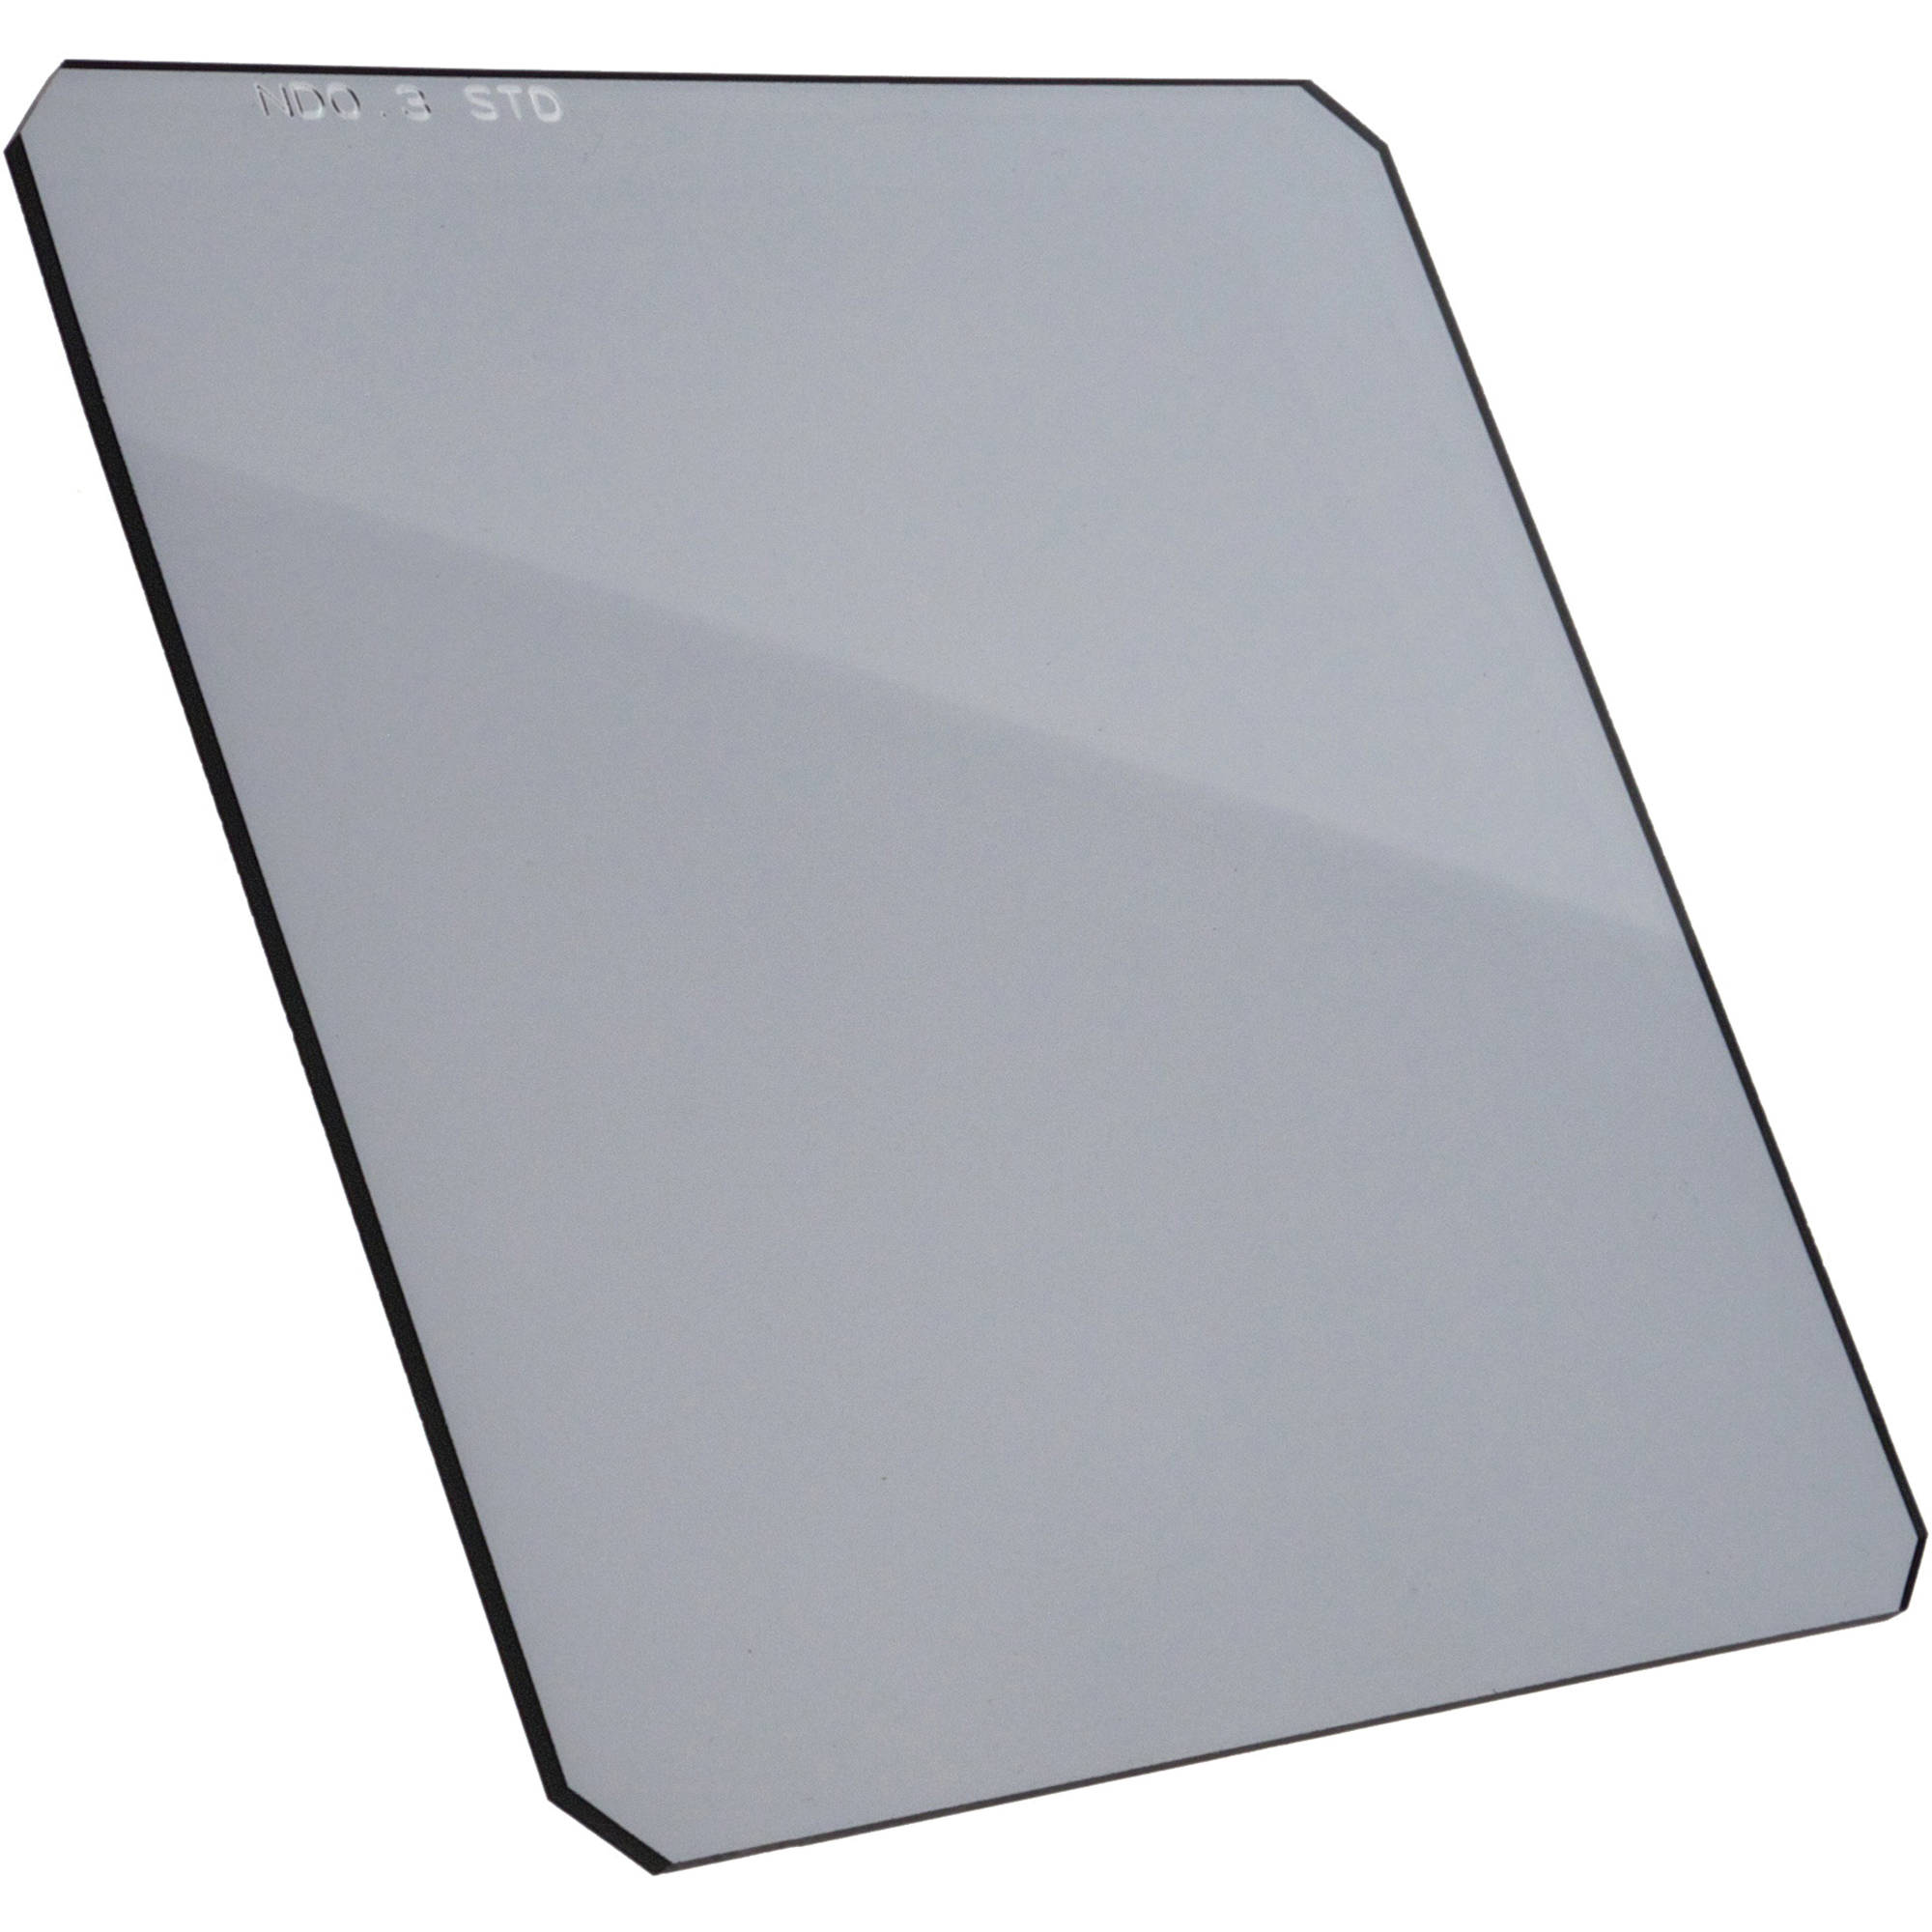 Formatt-Hitech 67x85mm 0.3 (1 Stop) Neutral Density